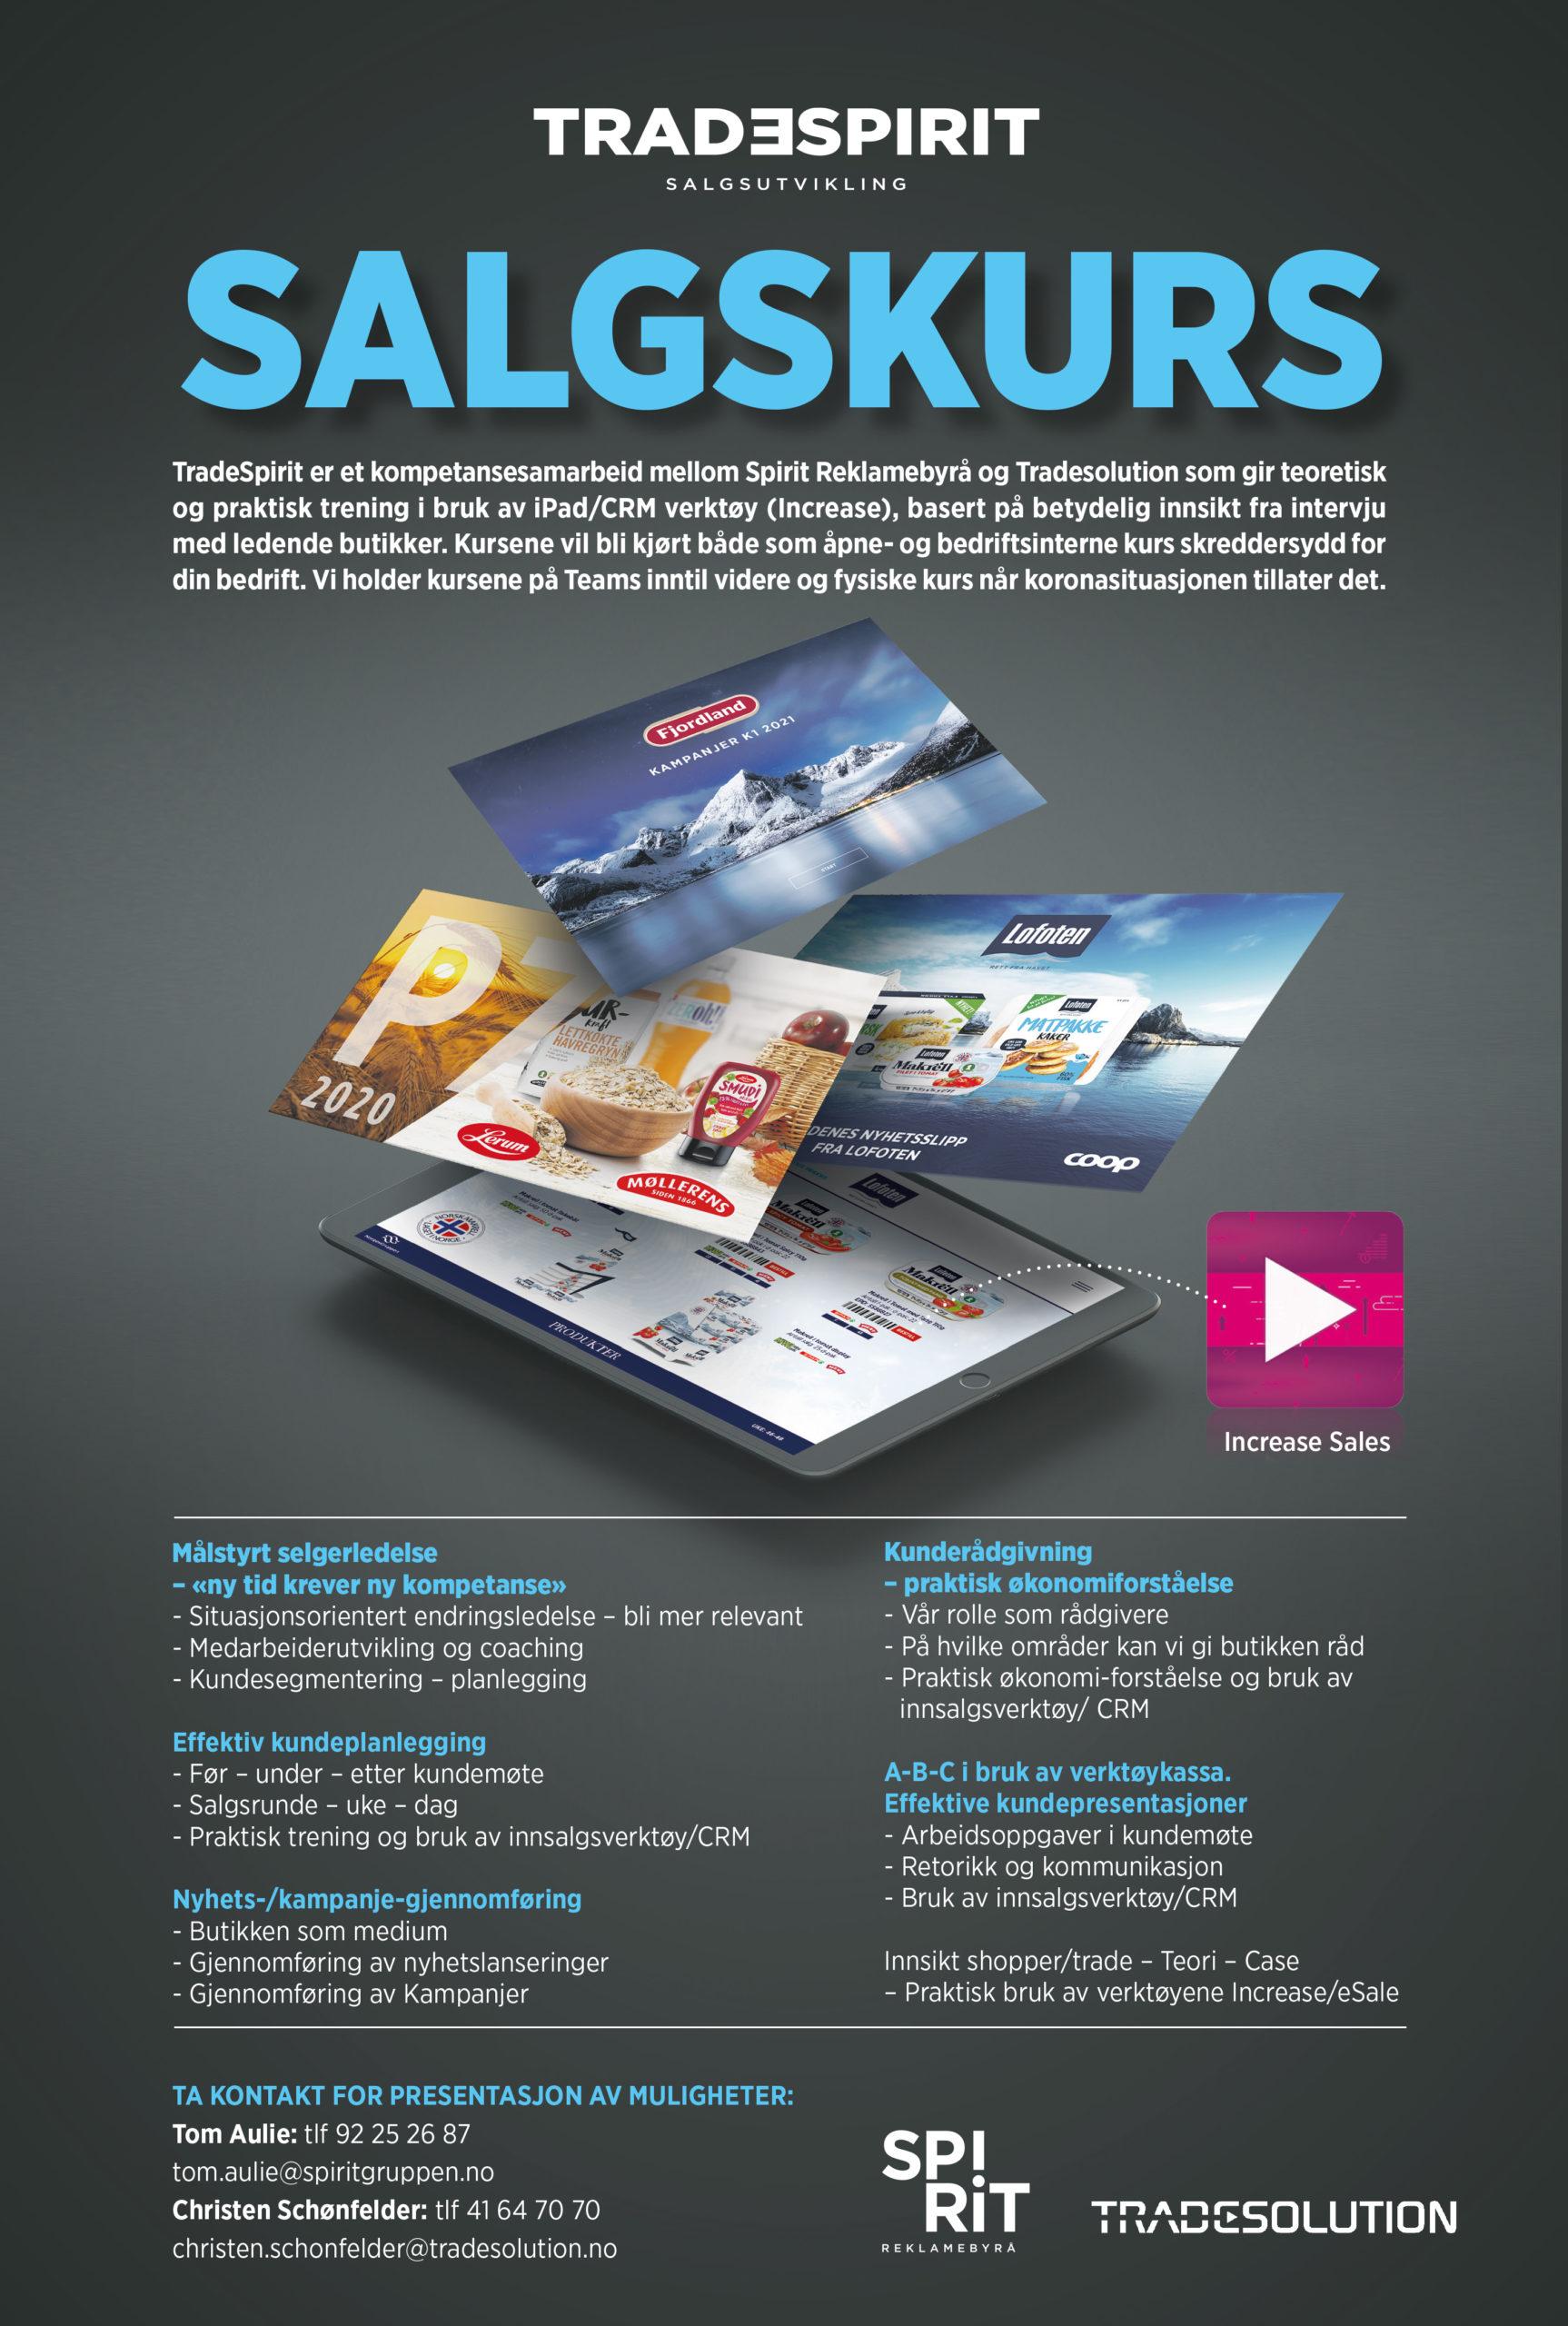 Annonse salgskurs med bilder av nettbrett, skjermbilder og tekst. Grafikk